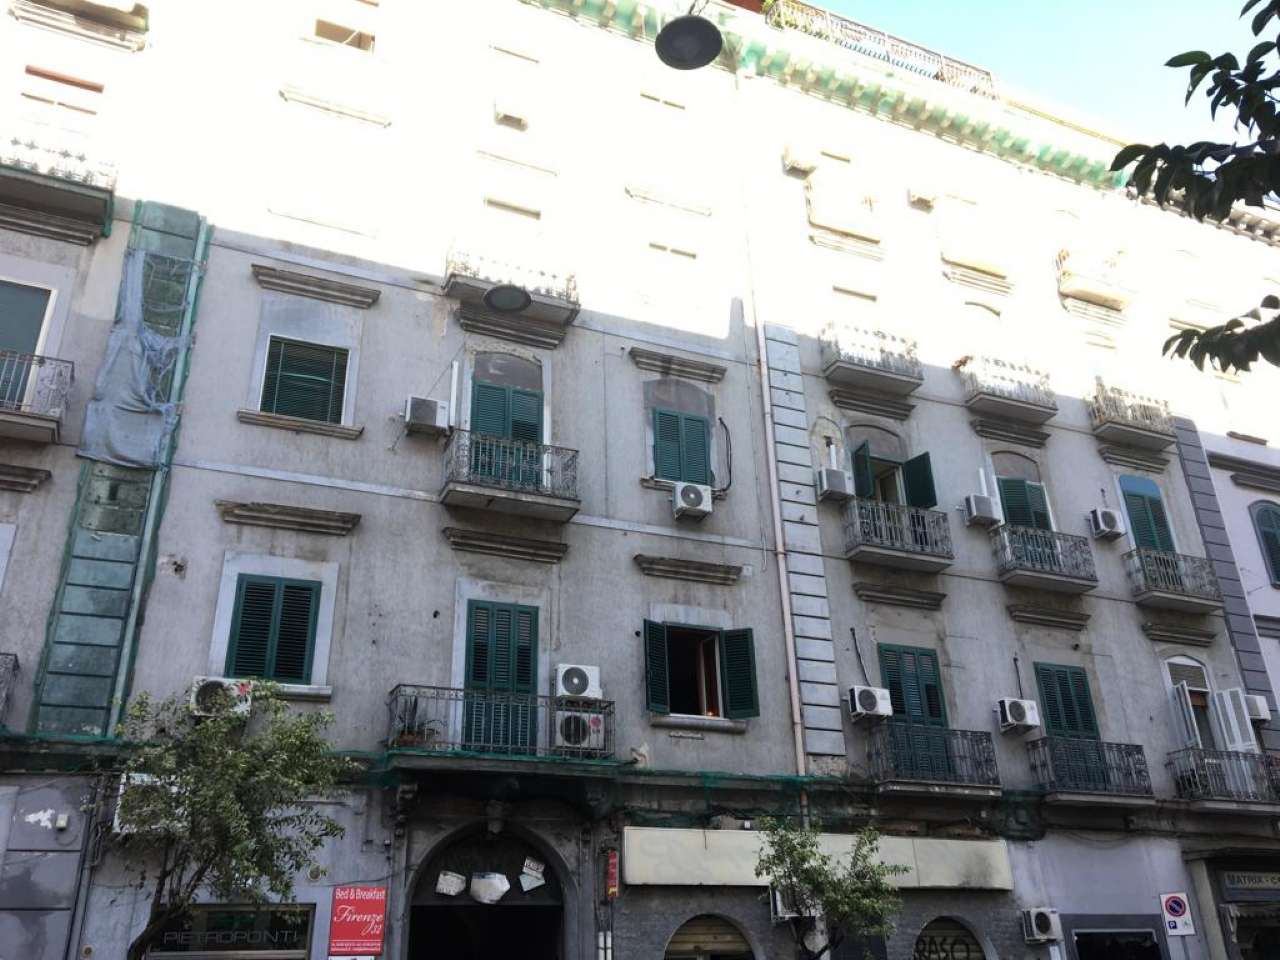 2a02b26e5f079 appartamenti quadrilocali in vendita a Napoli - Cambiocasa.it